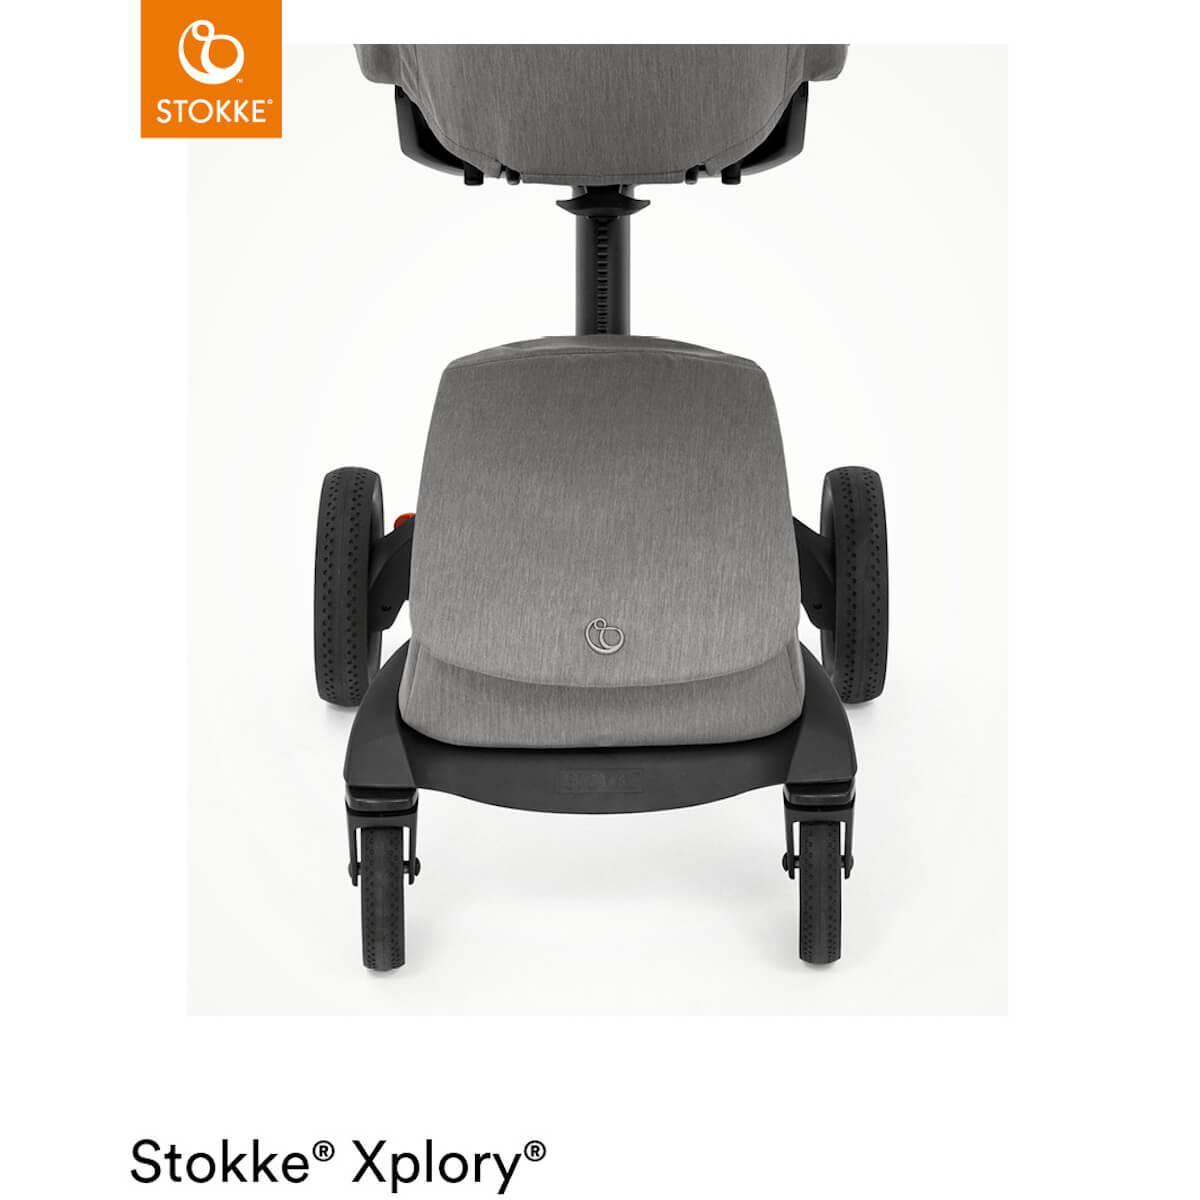 Poussette XPLORY X Stokke Modern Grey